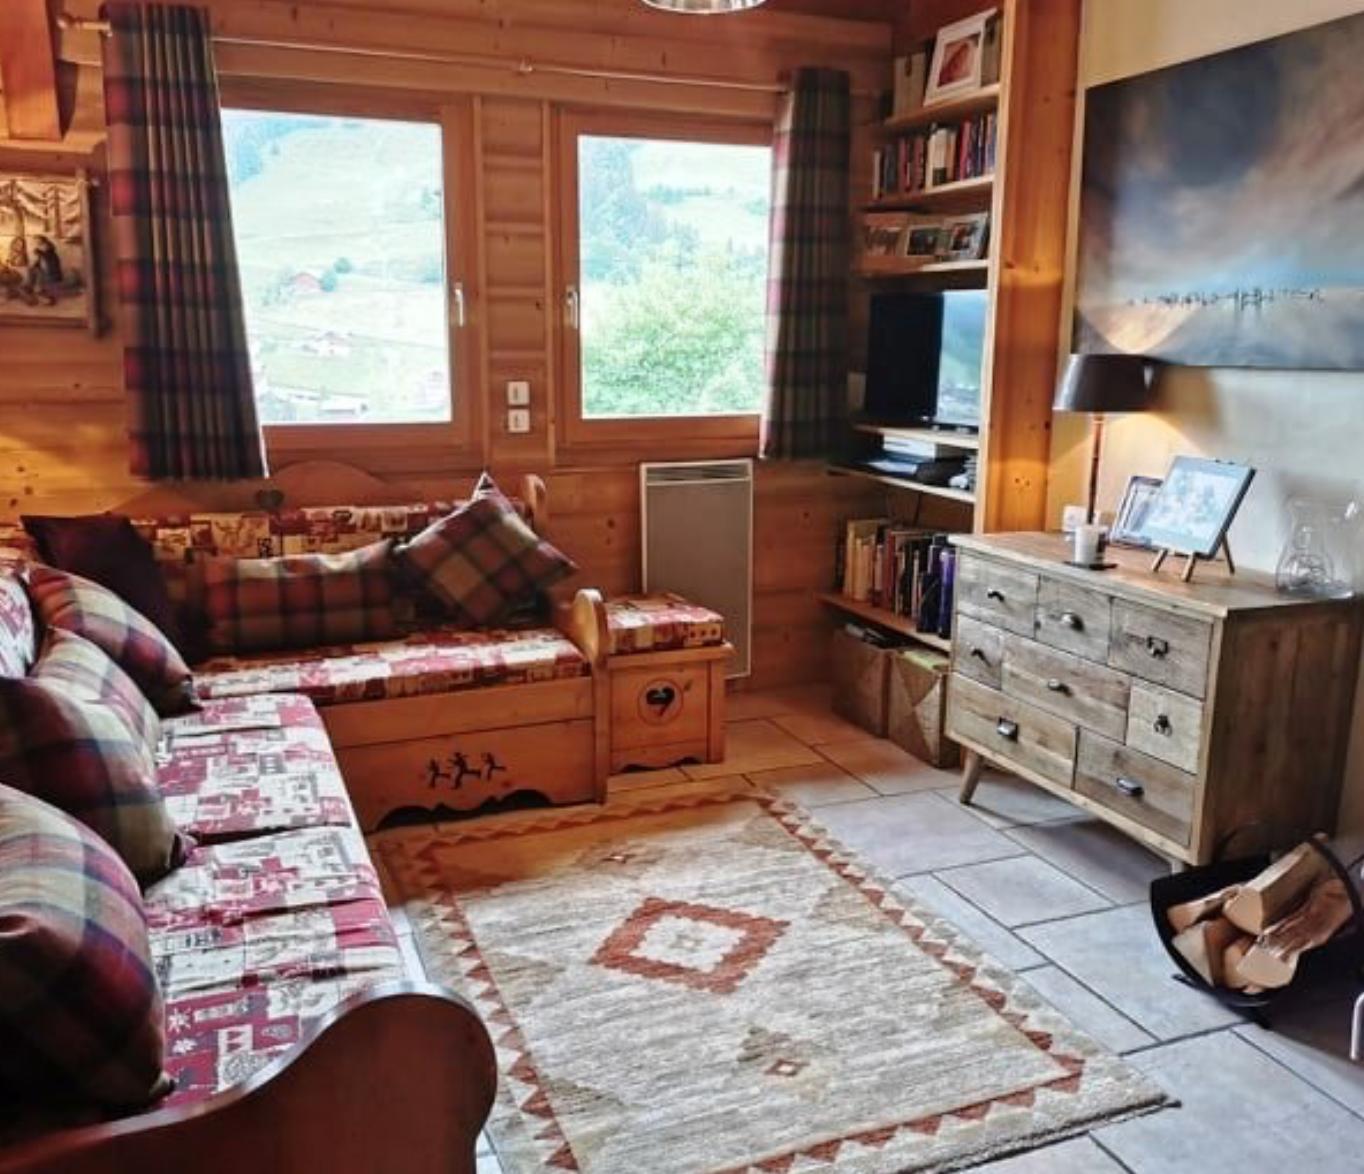 Splendid 8-Room Luxury Chalet